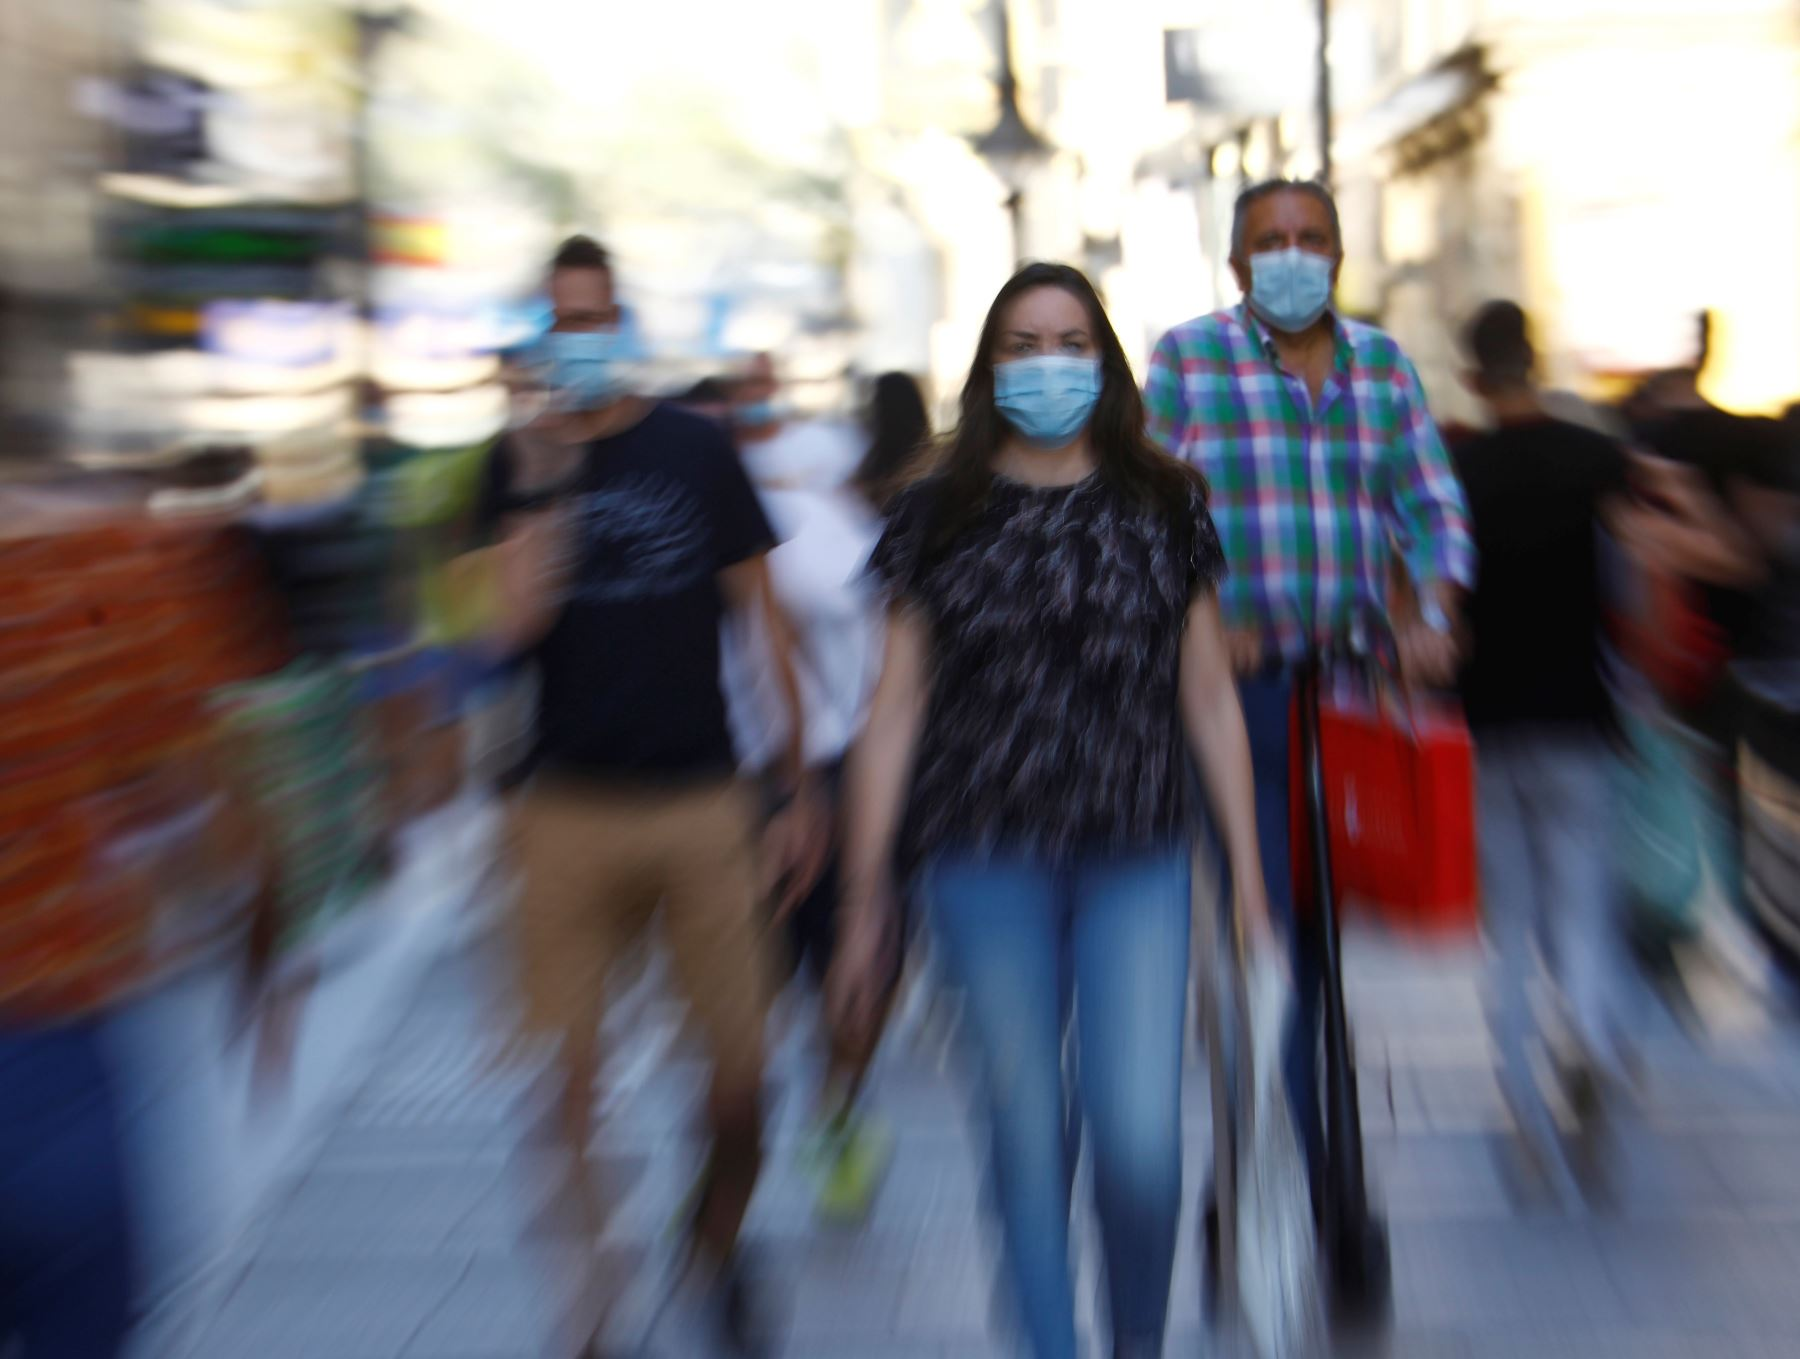 El uso de la mascarilla debe ser permanente porque podríamos estar cerca de personas asintomáticas o pre-sintomáticas, quienes también contagian. Foto: EFE